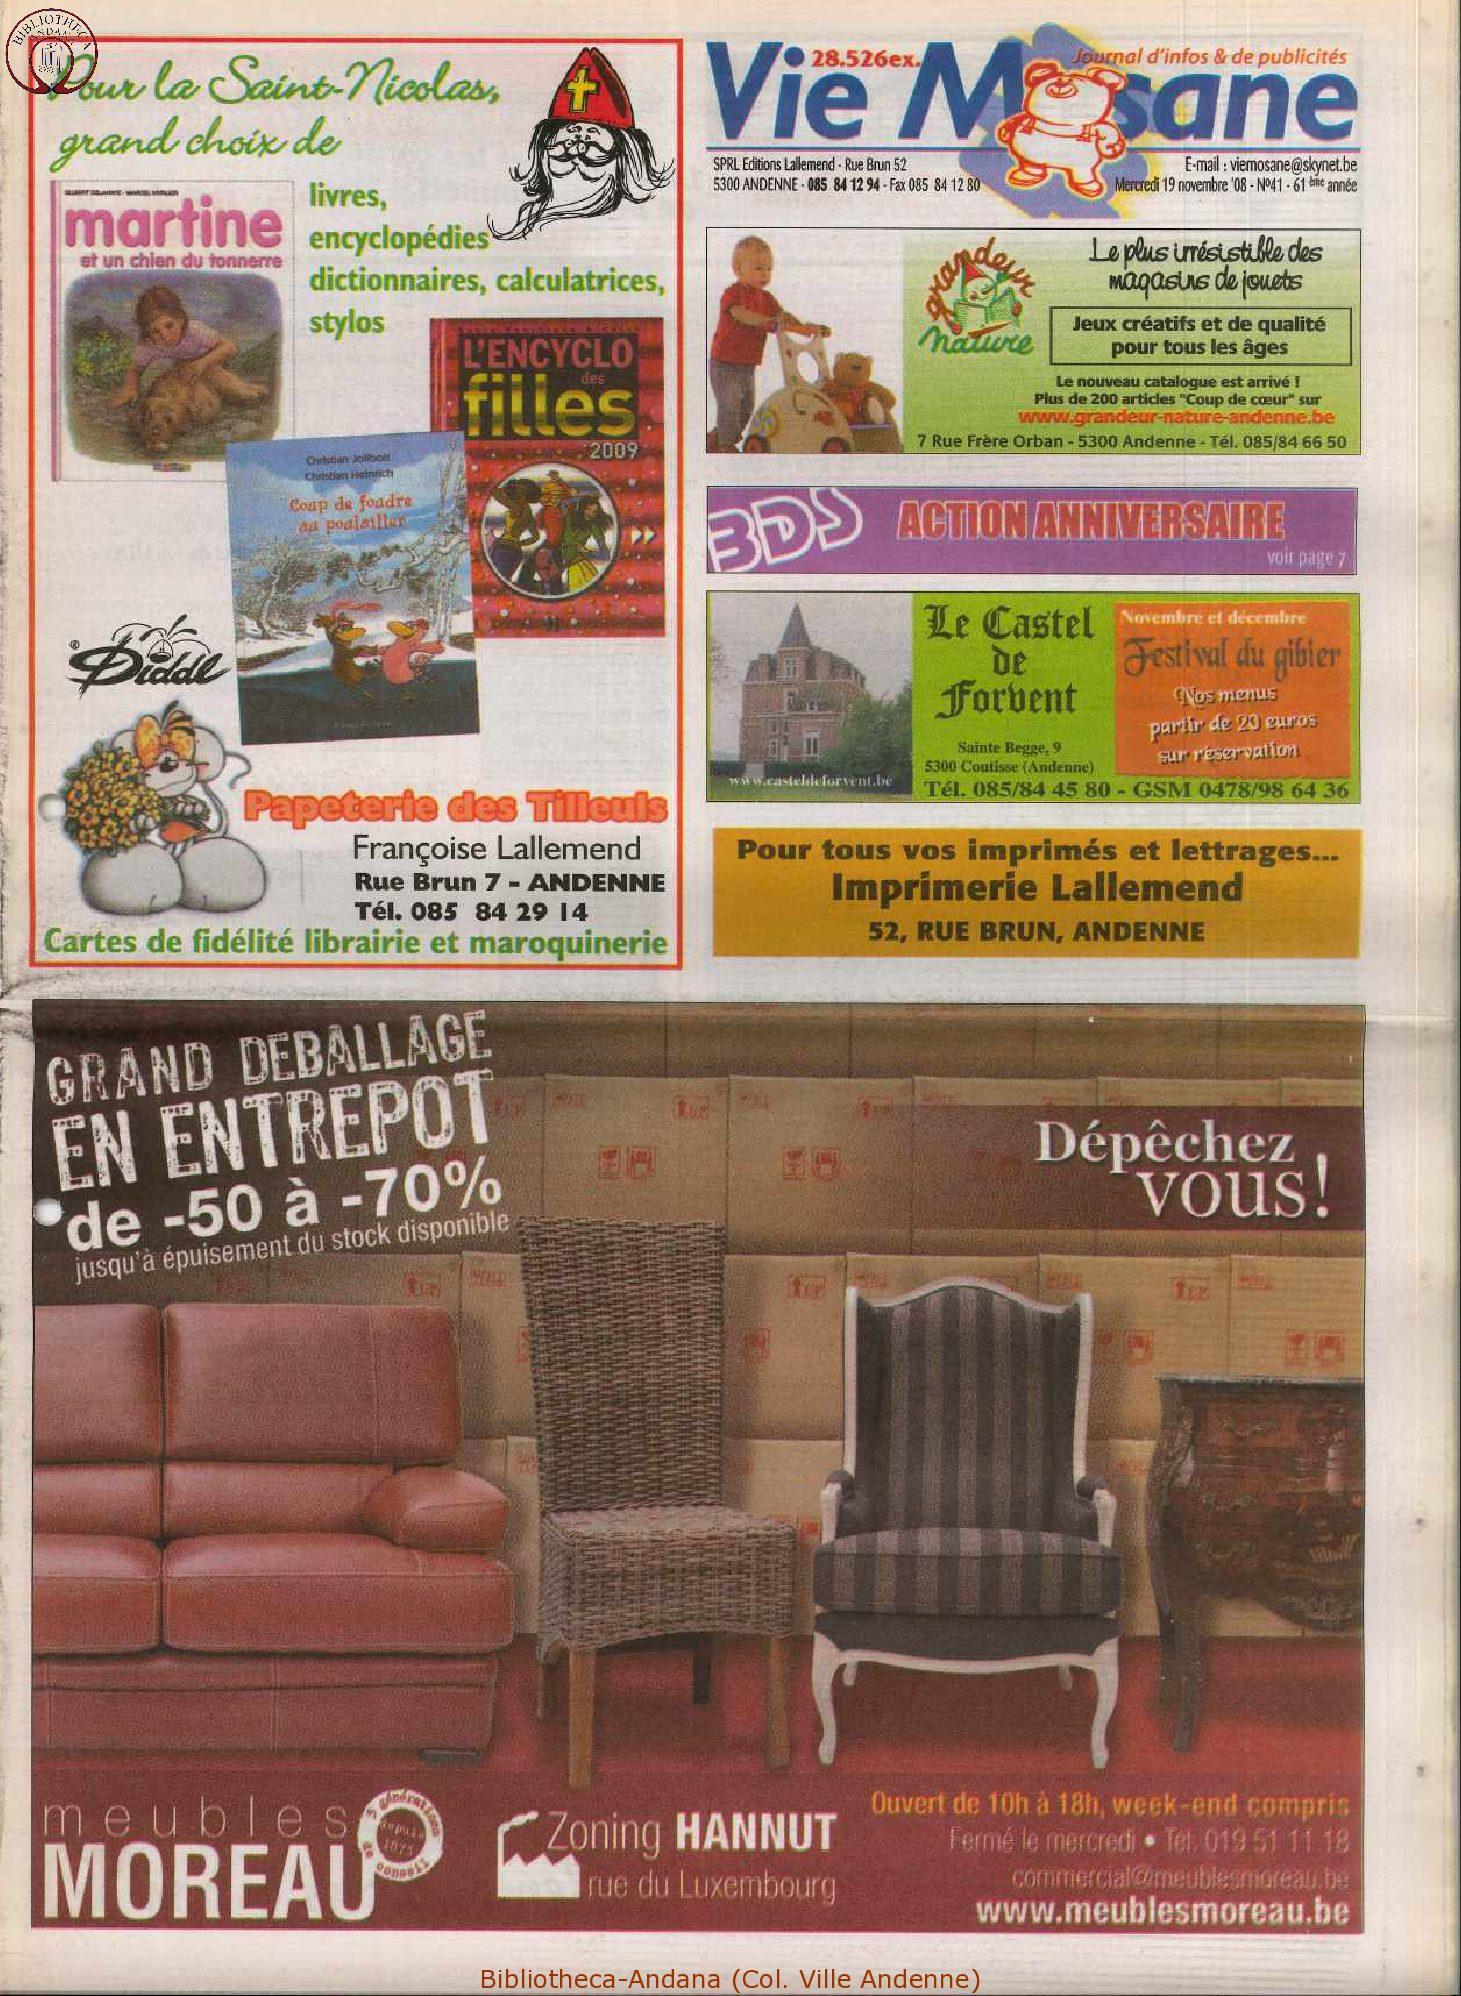 61e année - n°41 - 19 novembre 2008